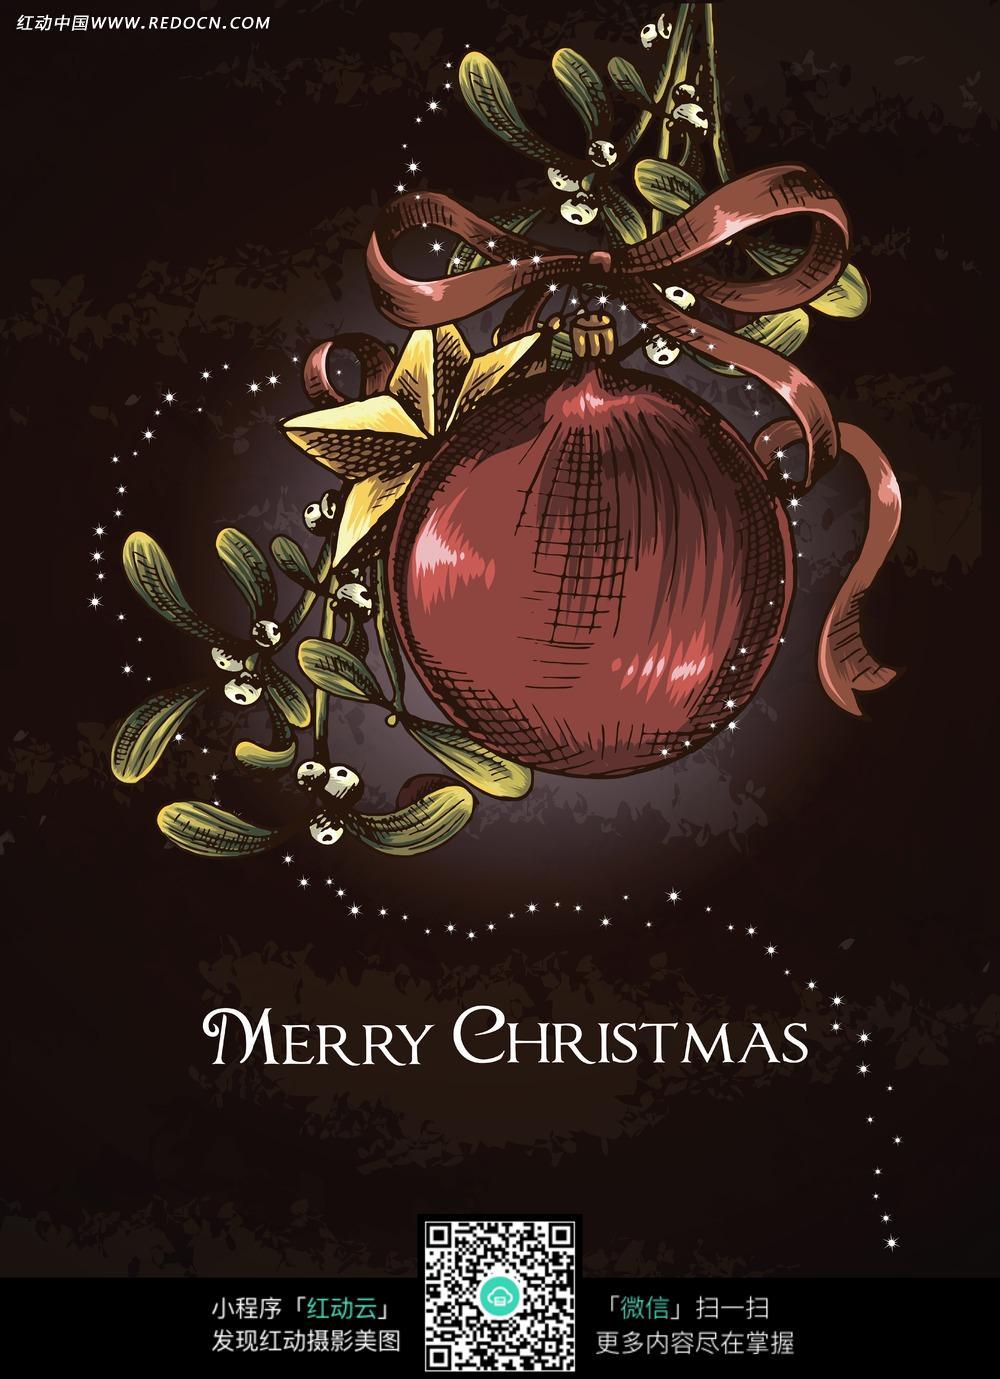 手绘圣诞球图片素材jpg